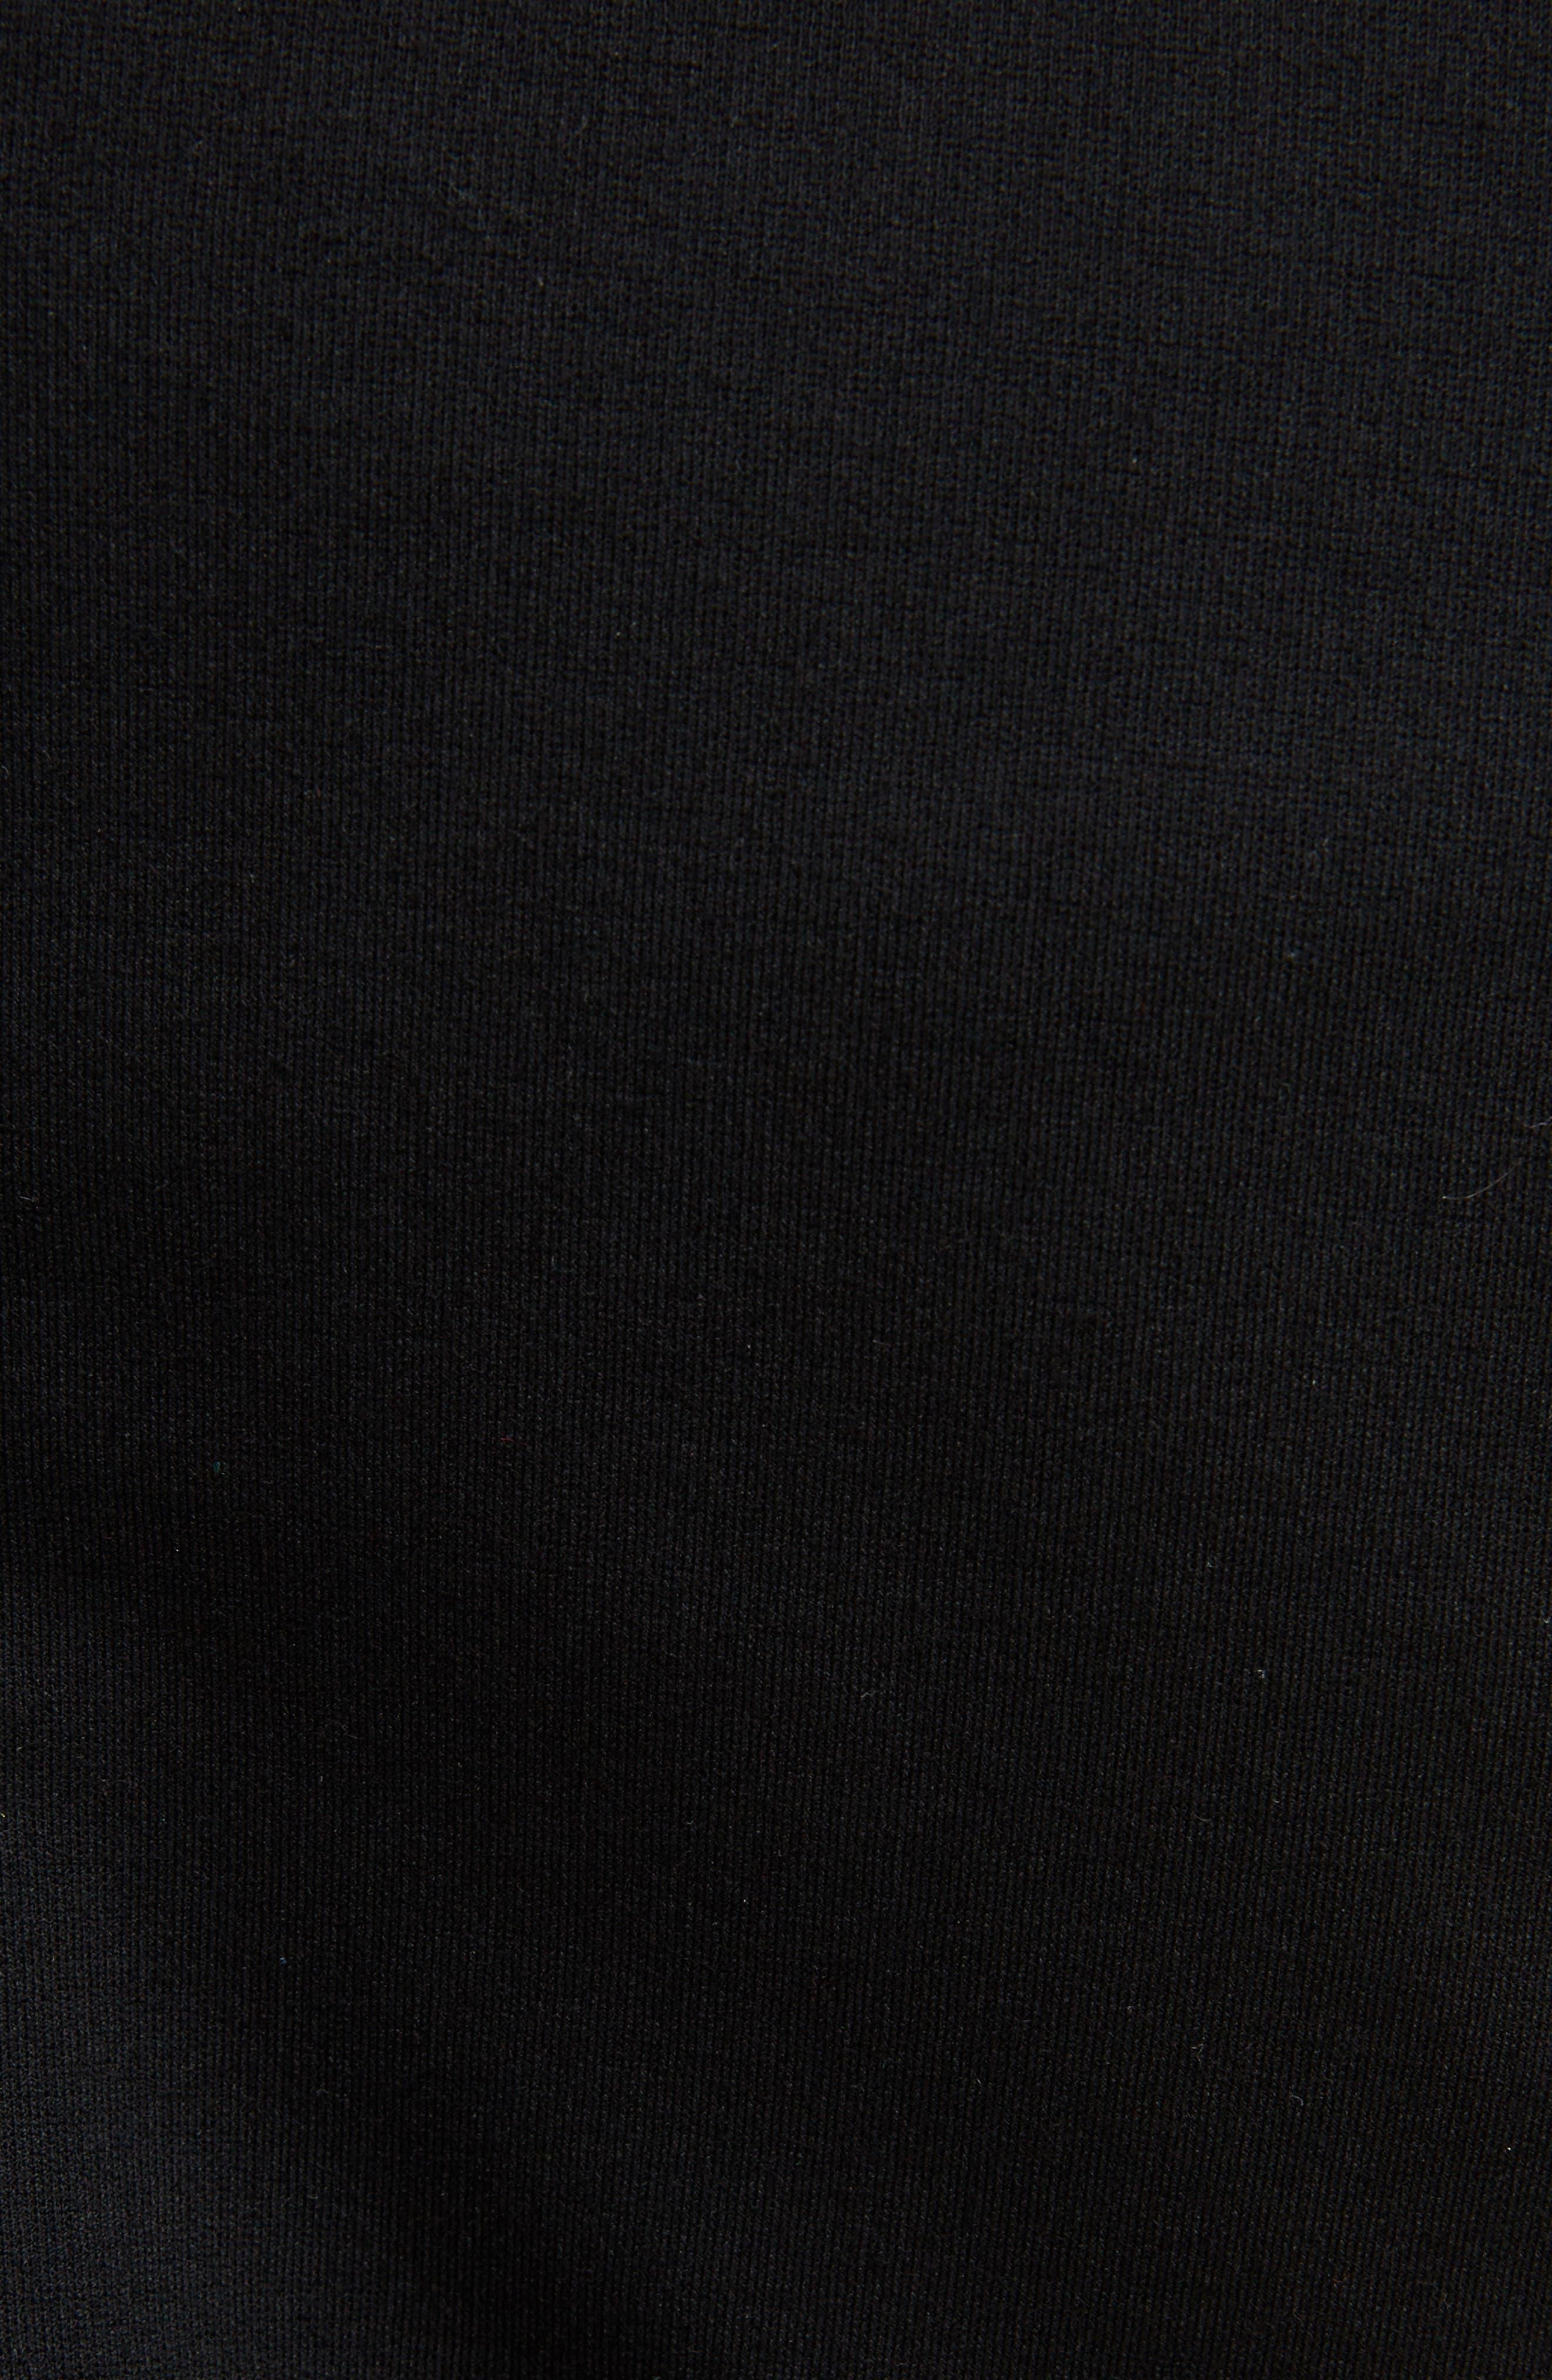 Matte Jersey Off the Shoulder Dress,                             Alternate thumbnail 5, color,                             Black